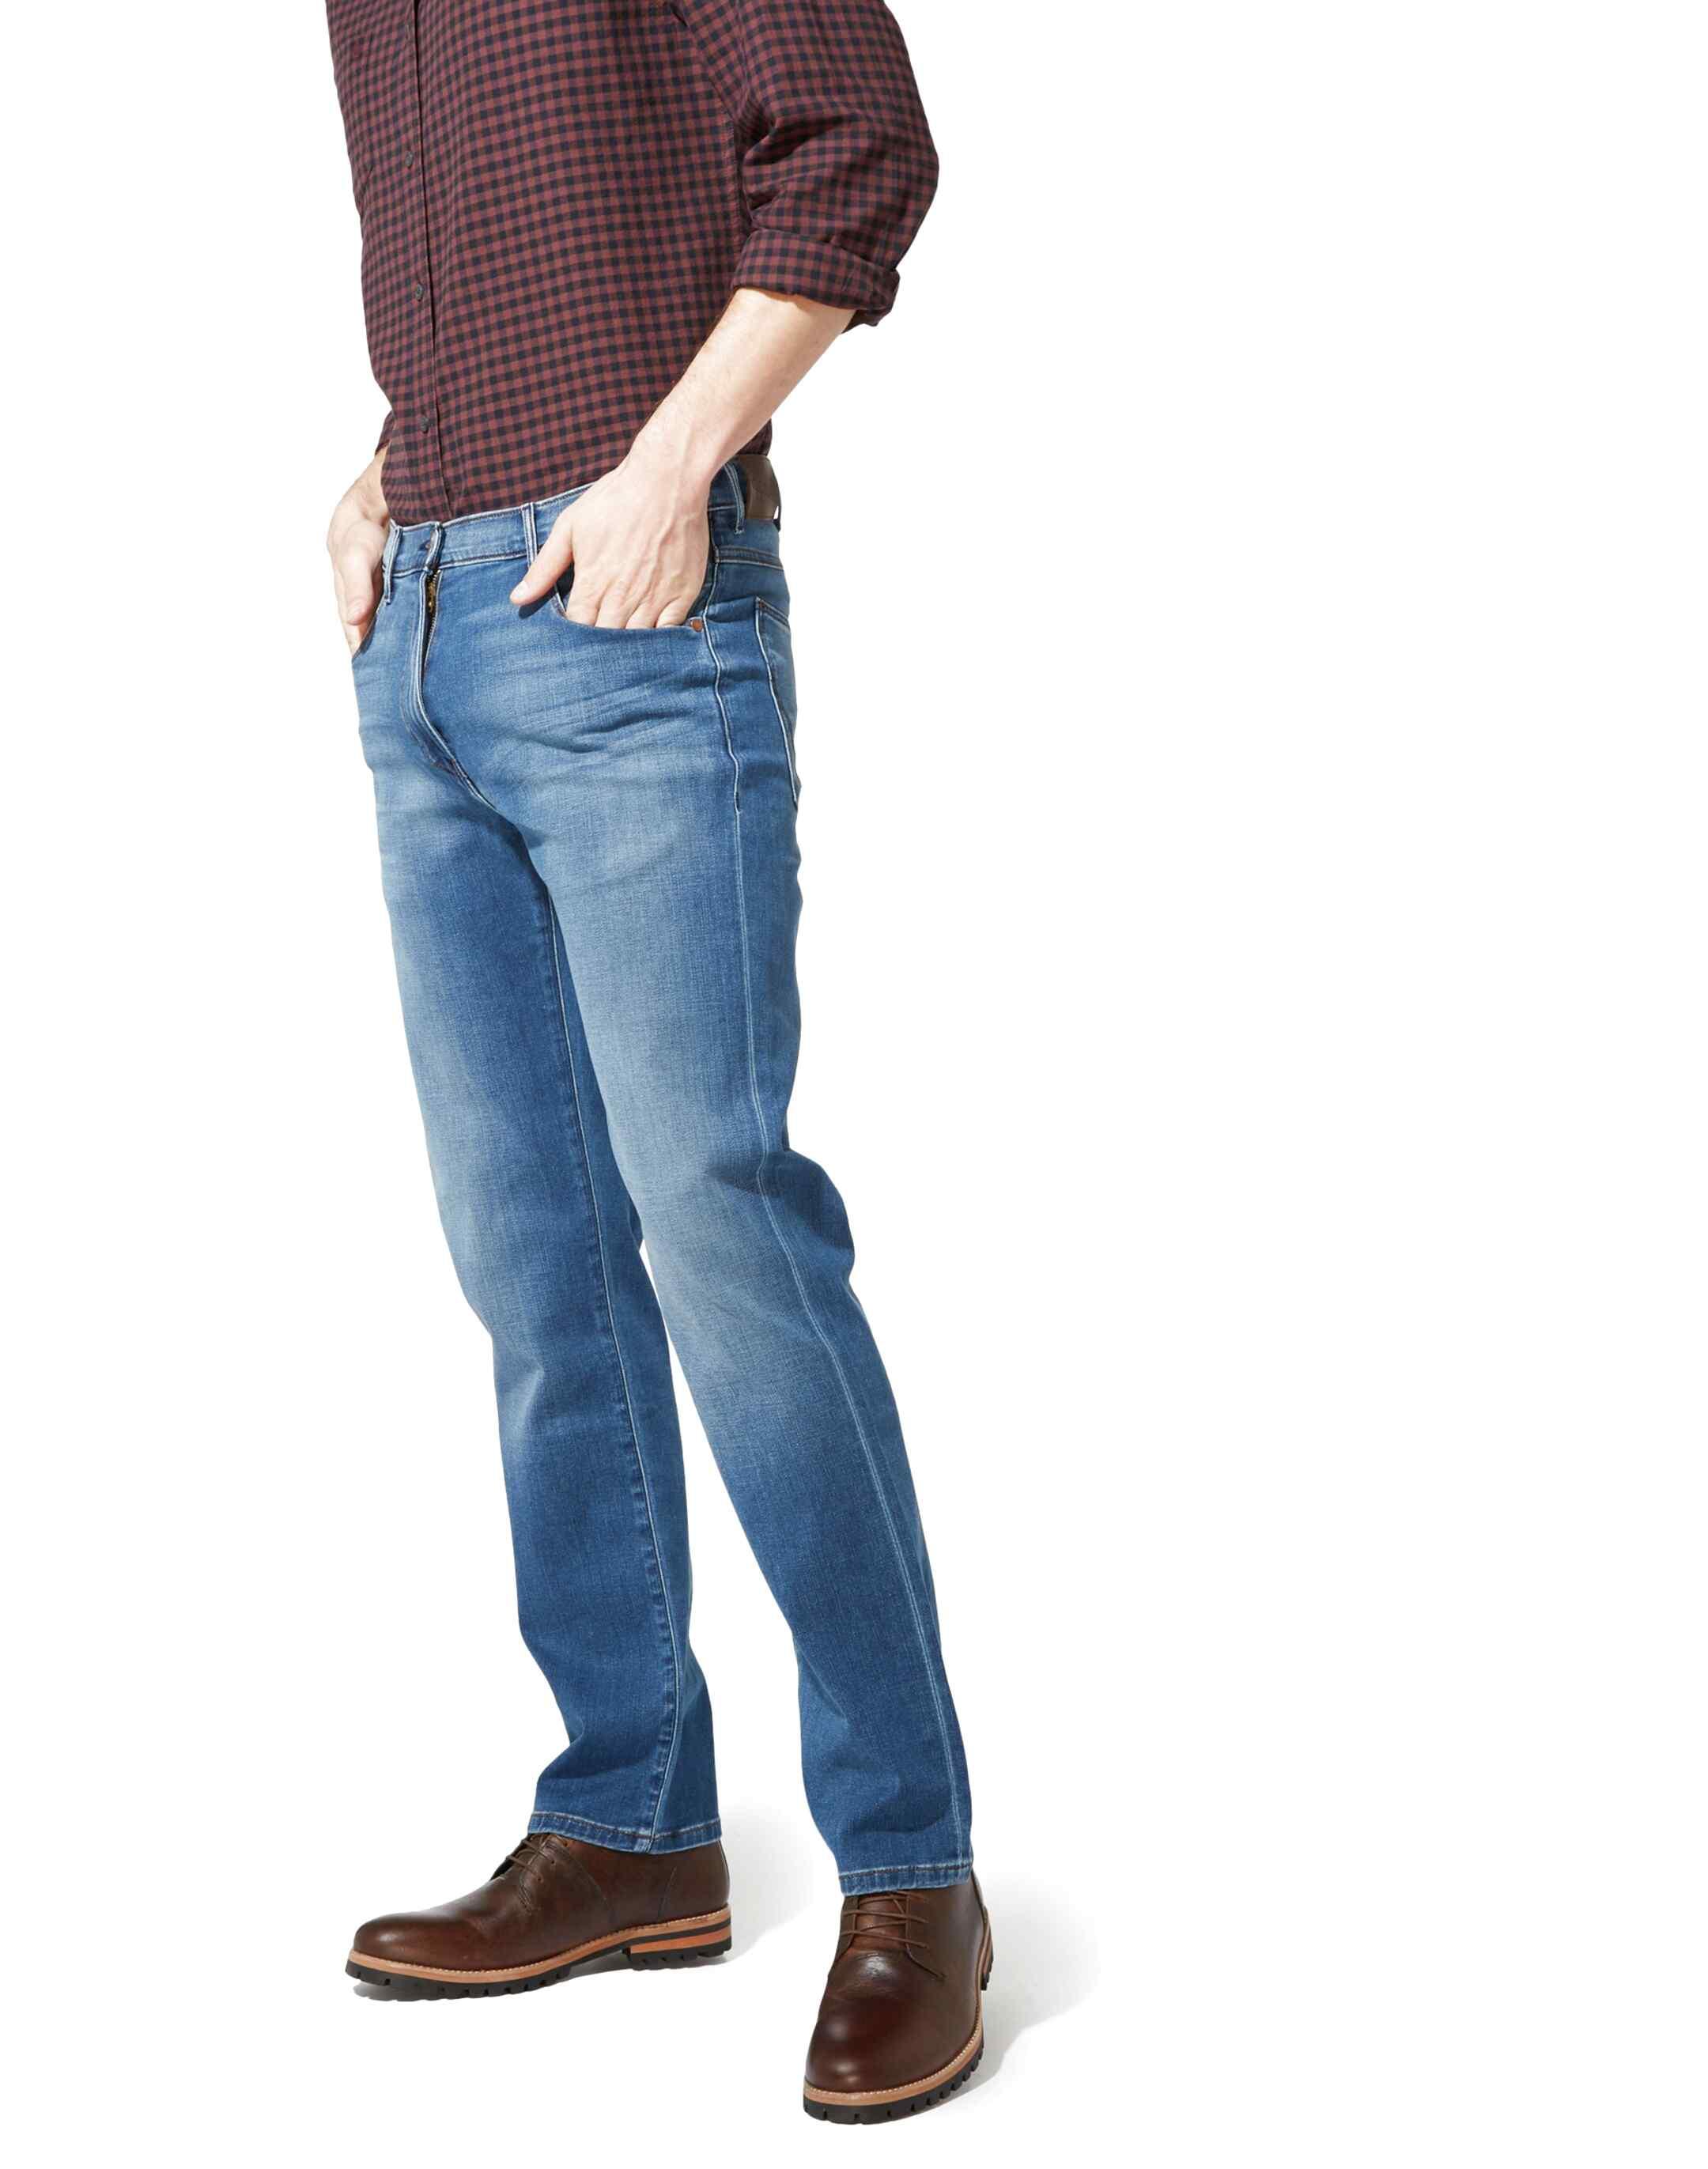 Venta De Arizona Jeans 60 Articulos De Segunda Mano